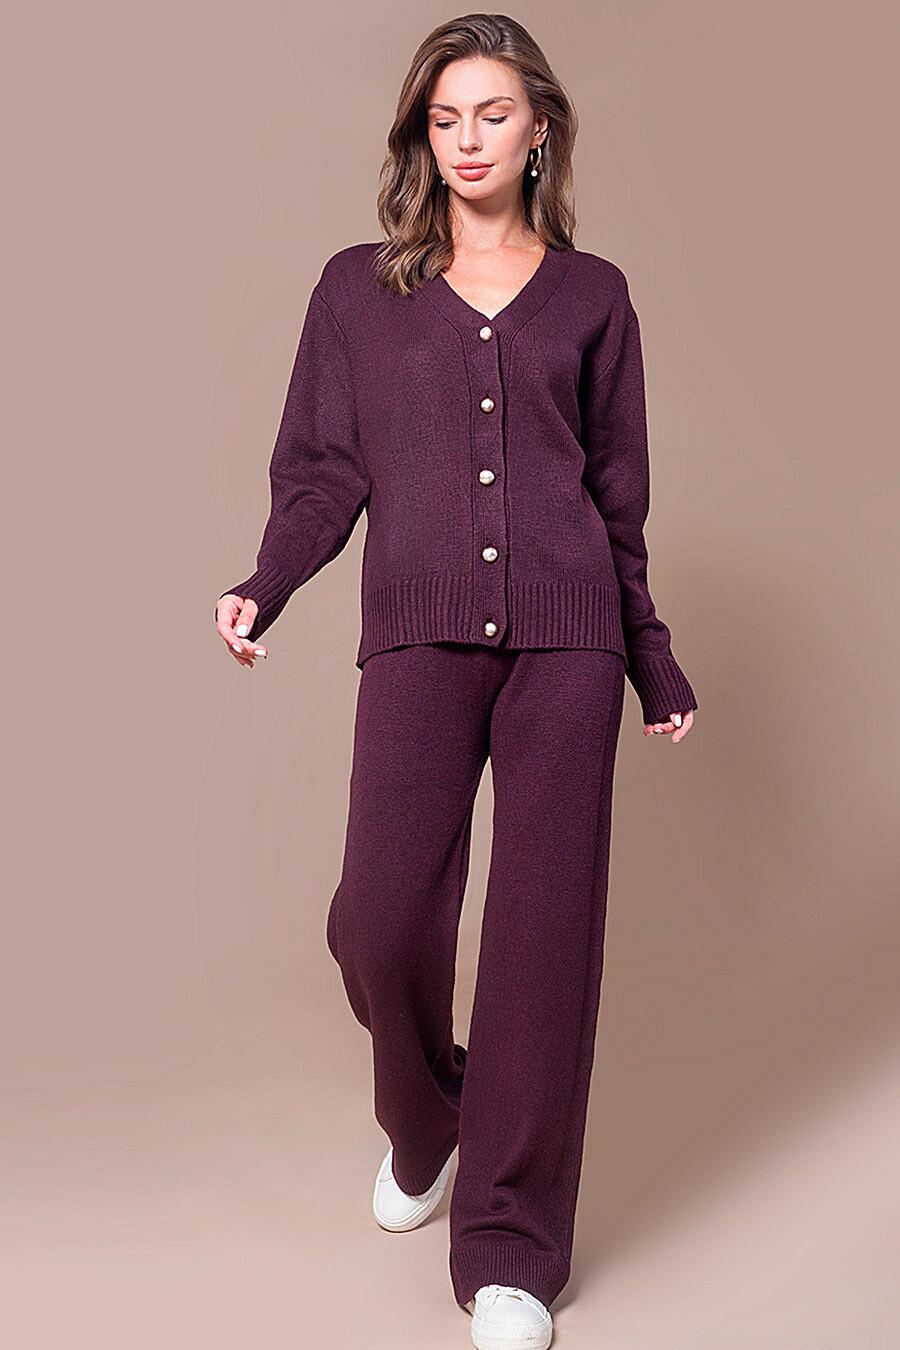 Кардиган для женщин VILATTE 700241 купить оптом от производителя. Совместная покупка женской одежды в OptMoyo